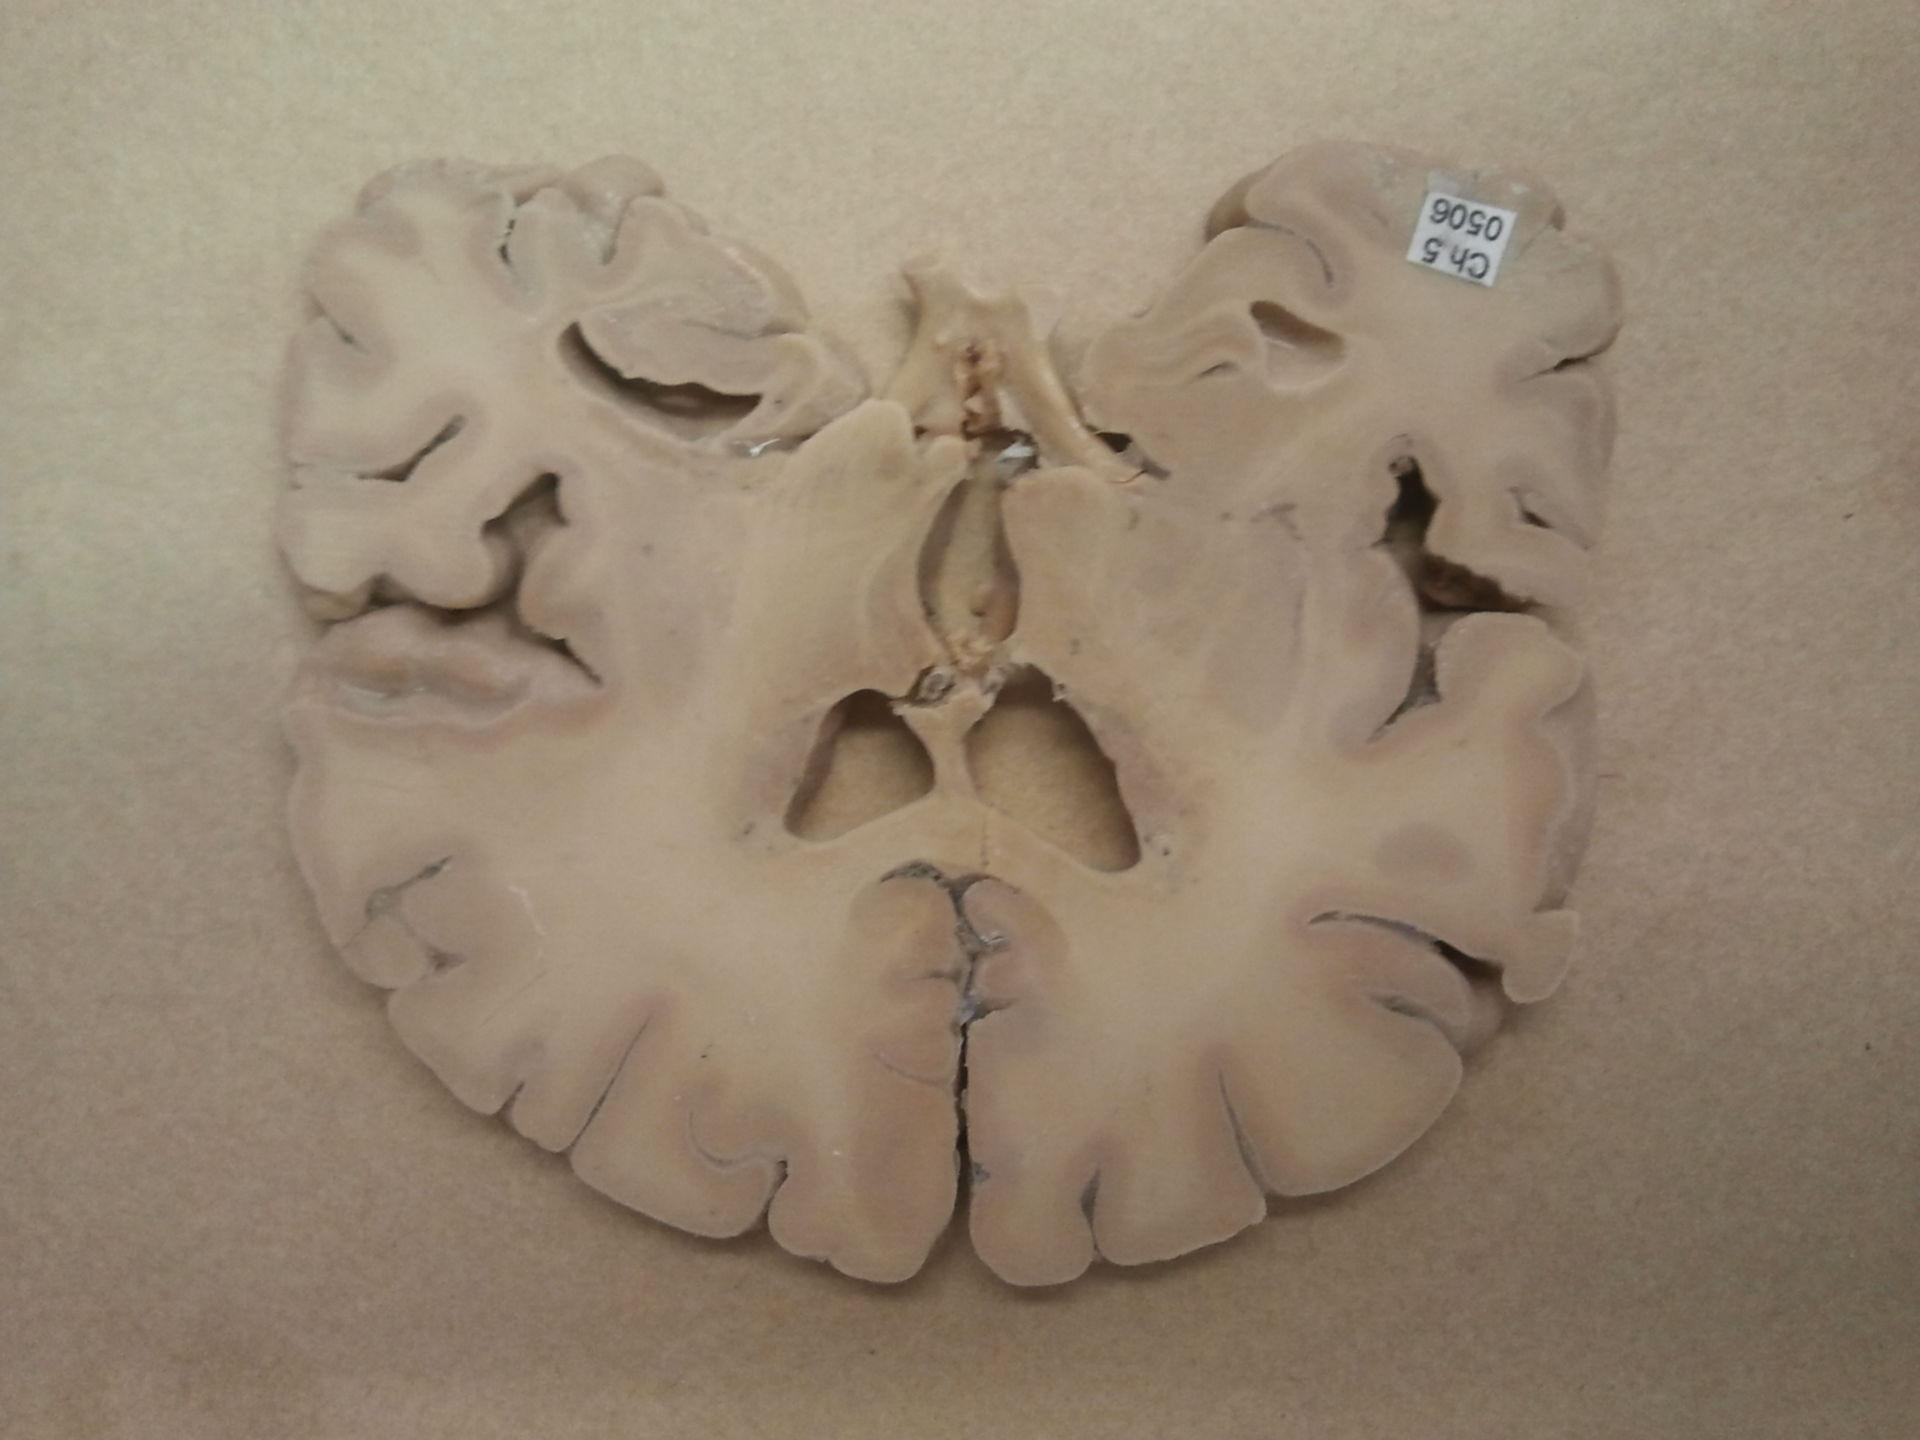 Hirnschnitt mit Ventrikel lateral mit insula Anteil